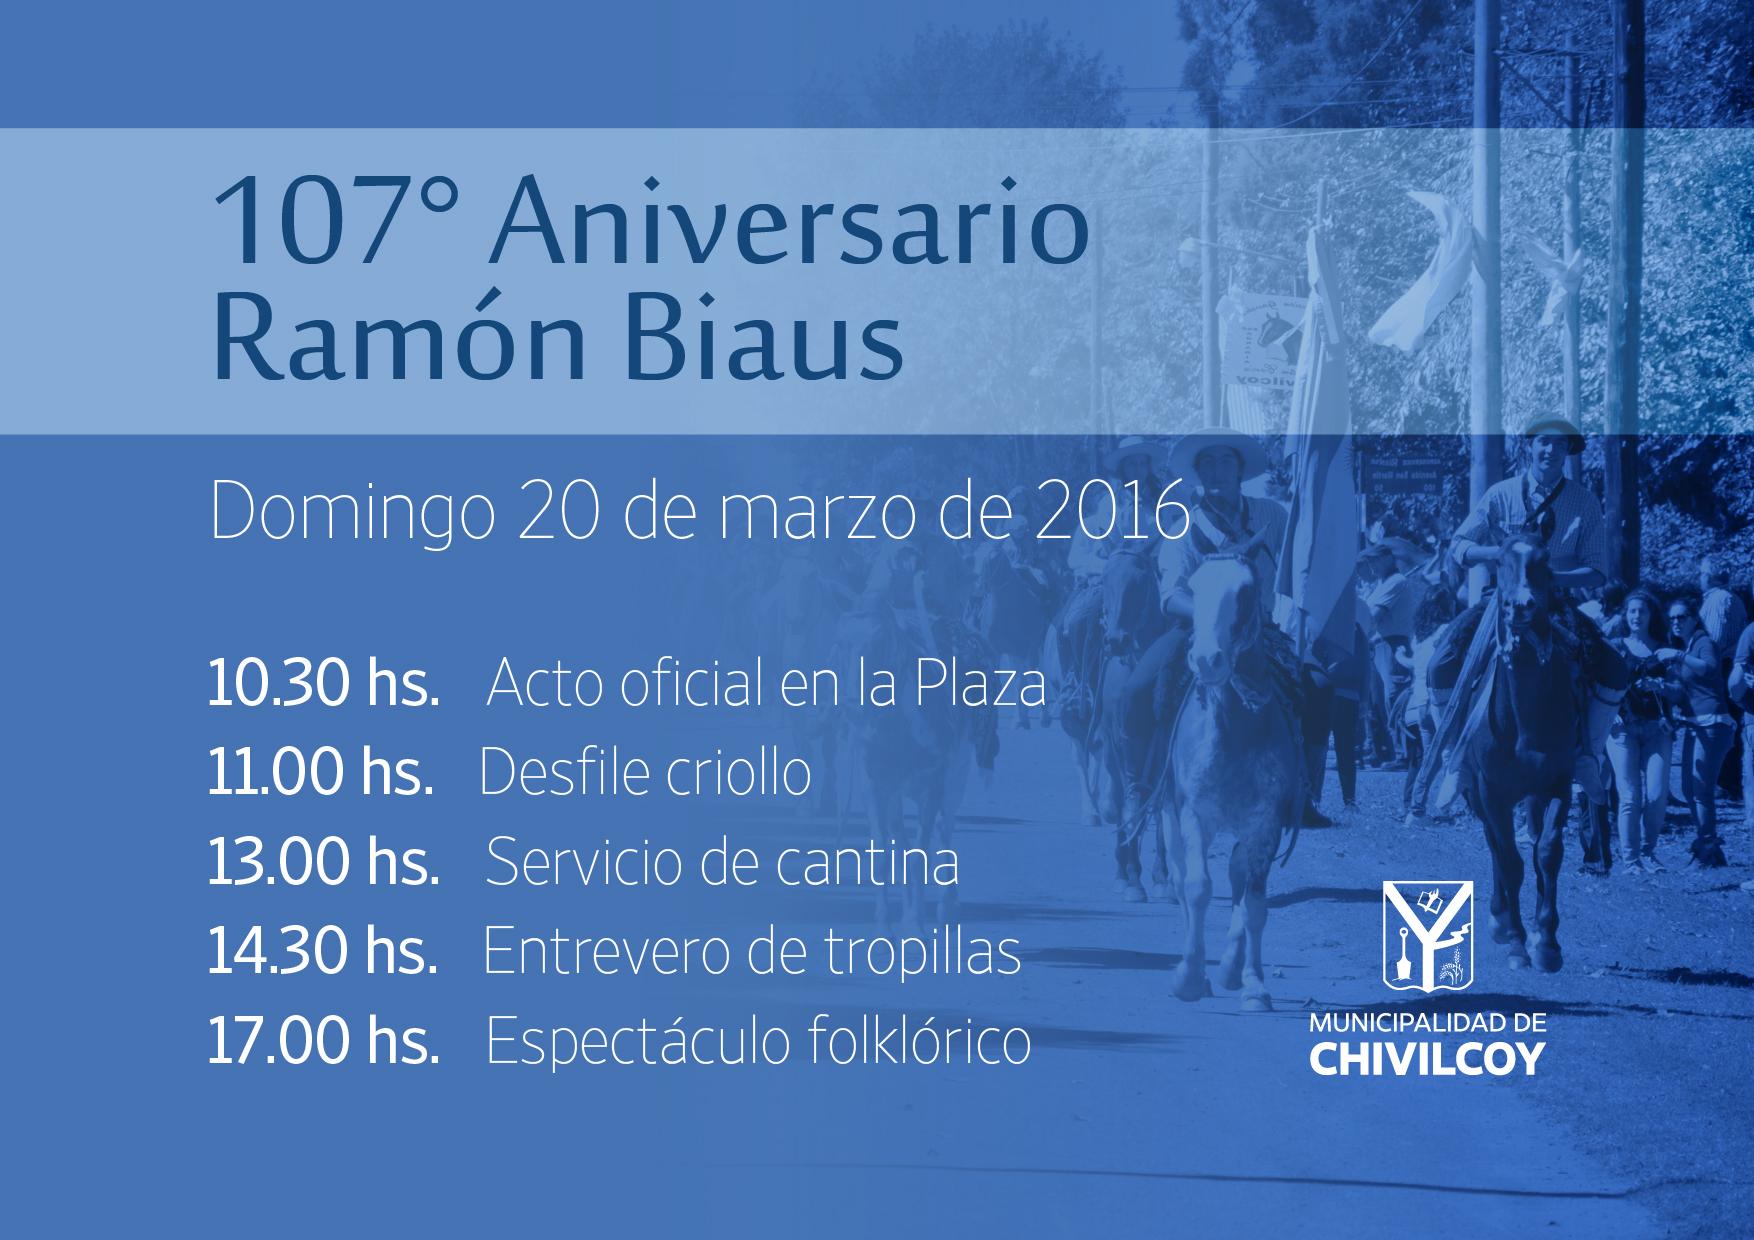 Aniversario Biaus